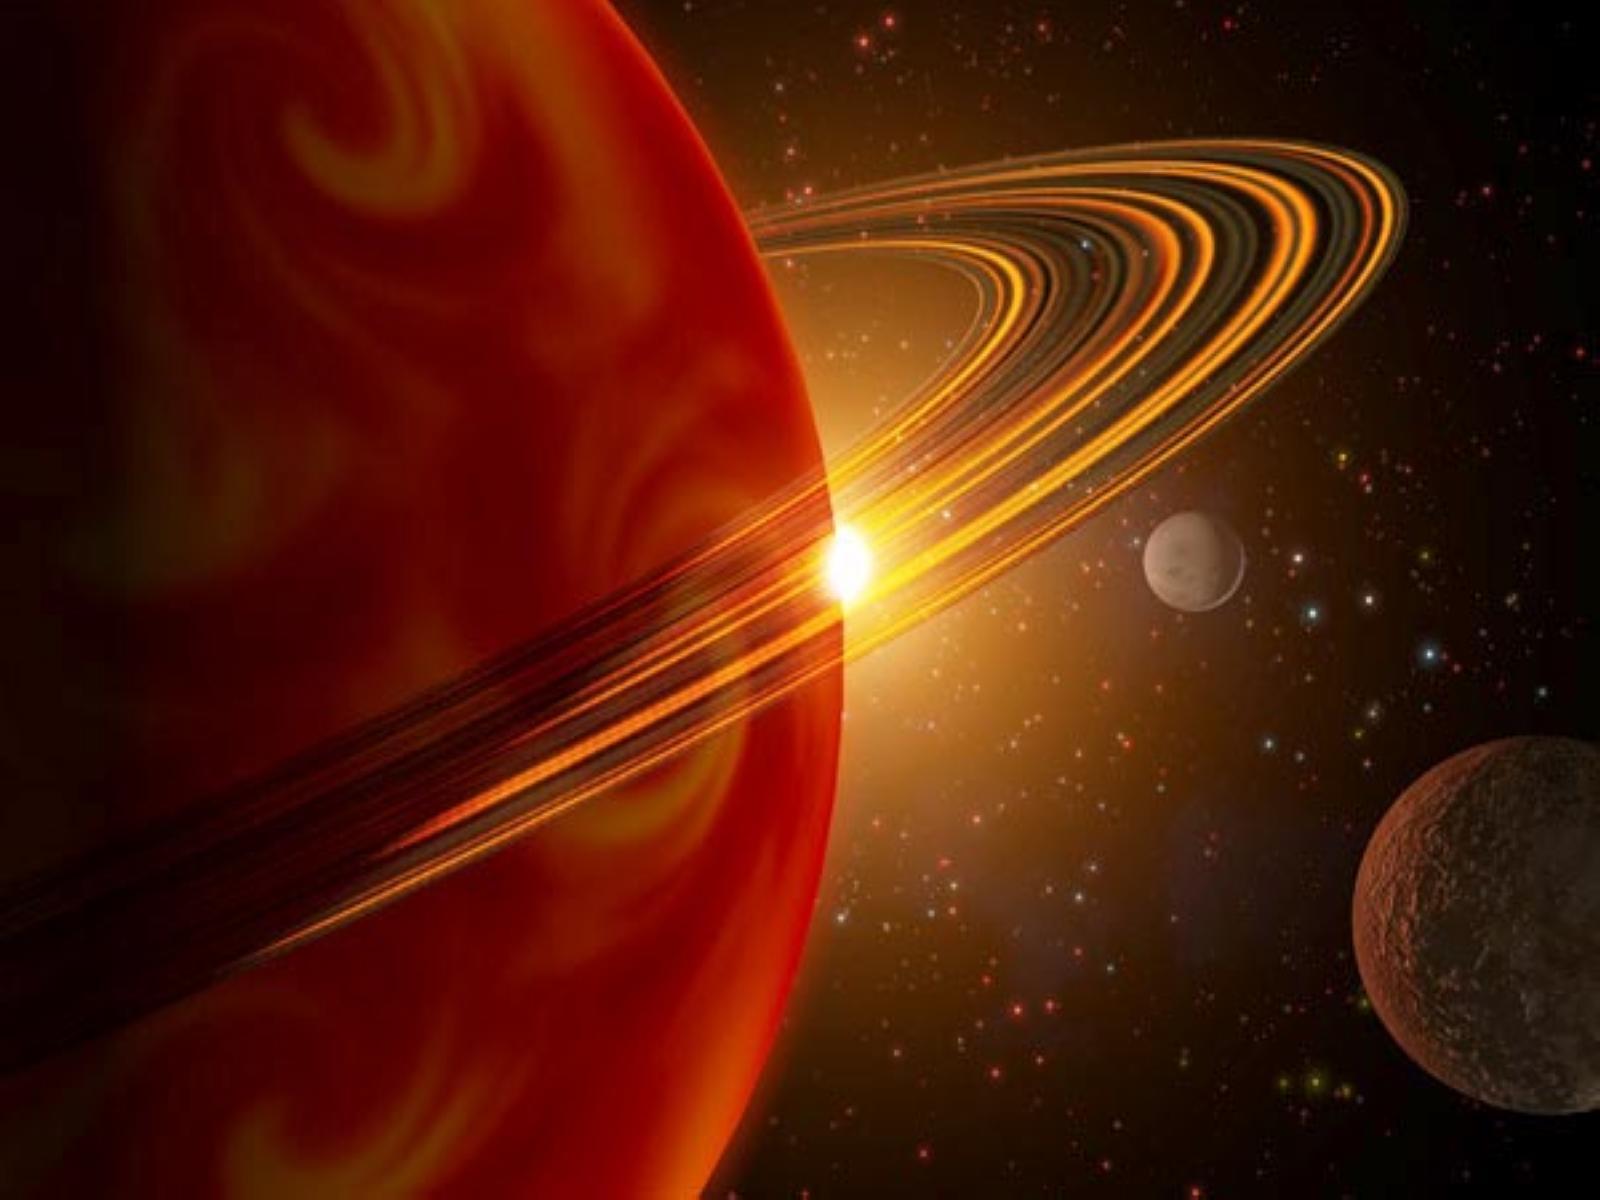 Astronomia: scoperte due stelle gemelle attorno cui ruotano tre pianeti giganti